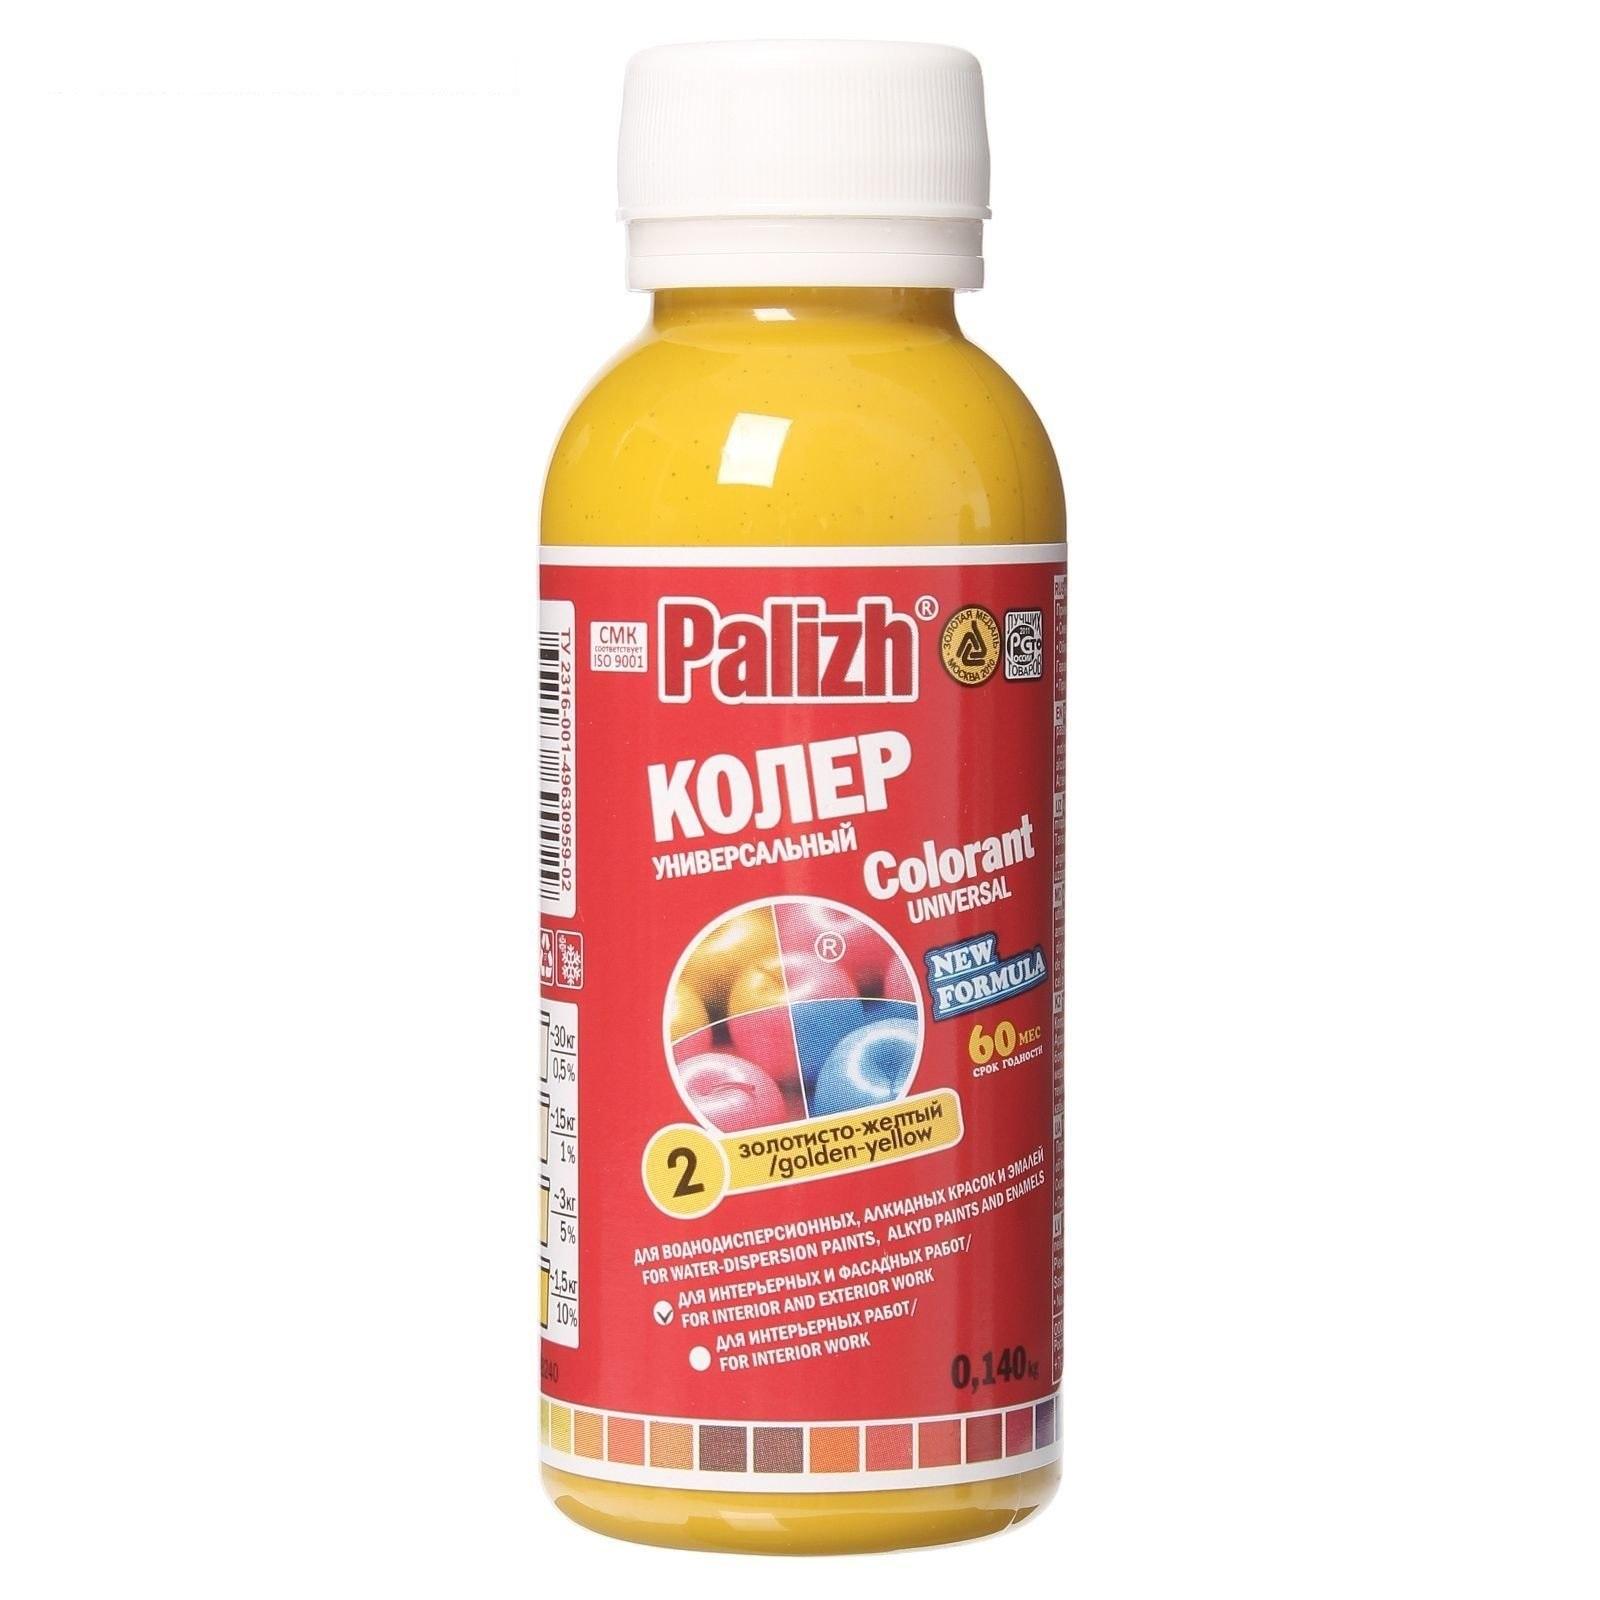 Колер универсальный Palizh №02 зол-желт. 100мл - фото